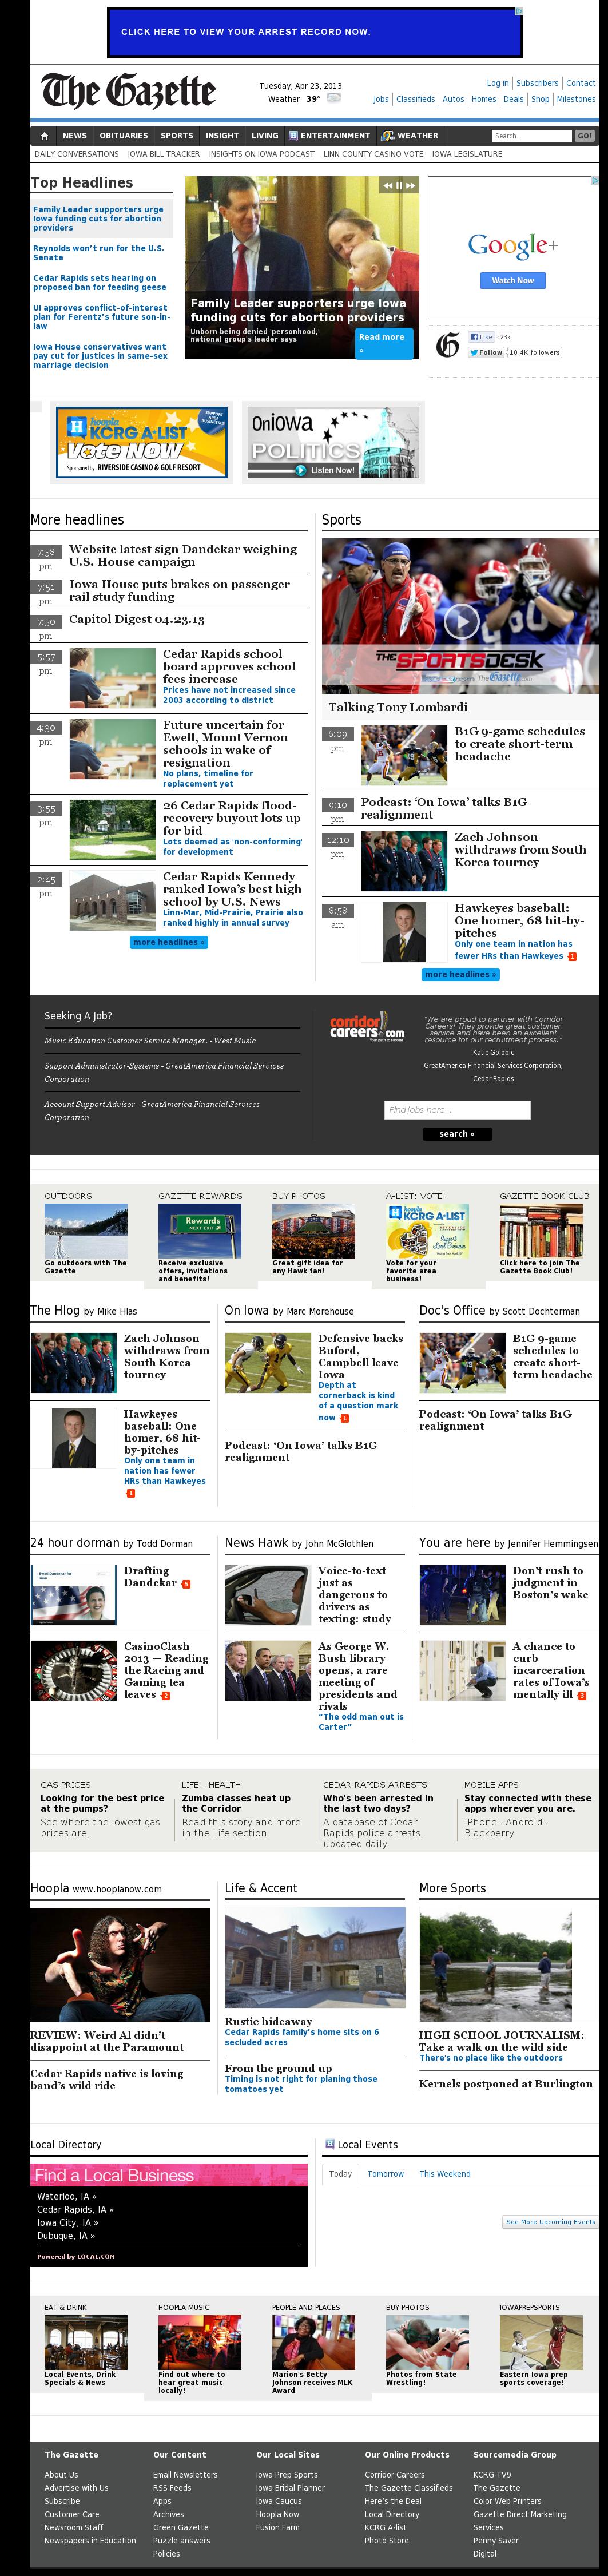 The (Cedar Rapids) Gazette at Wednesday April 24, 2013, 3:08 a.m. UTC